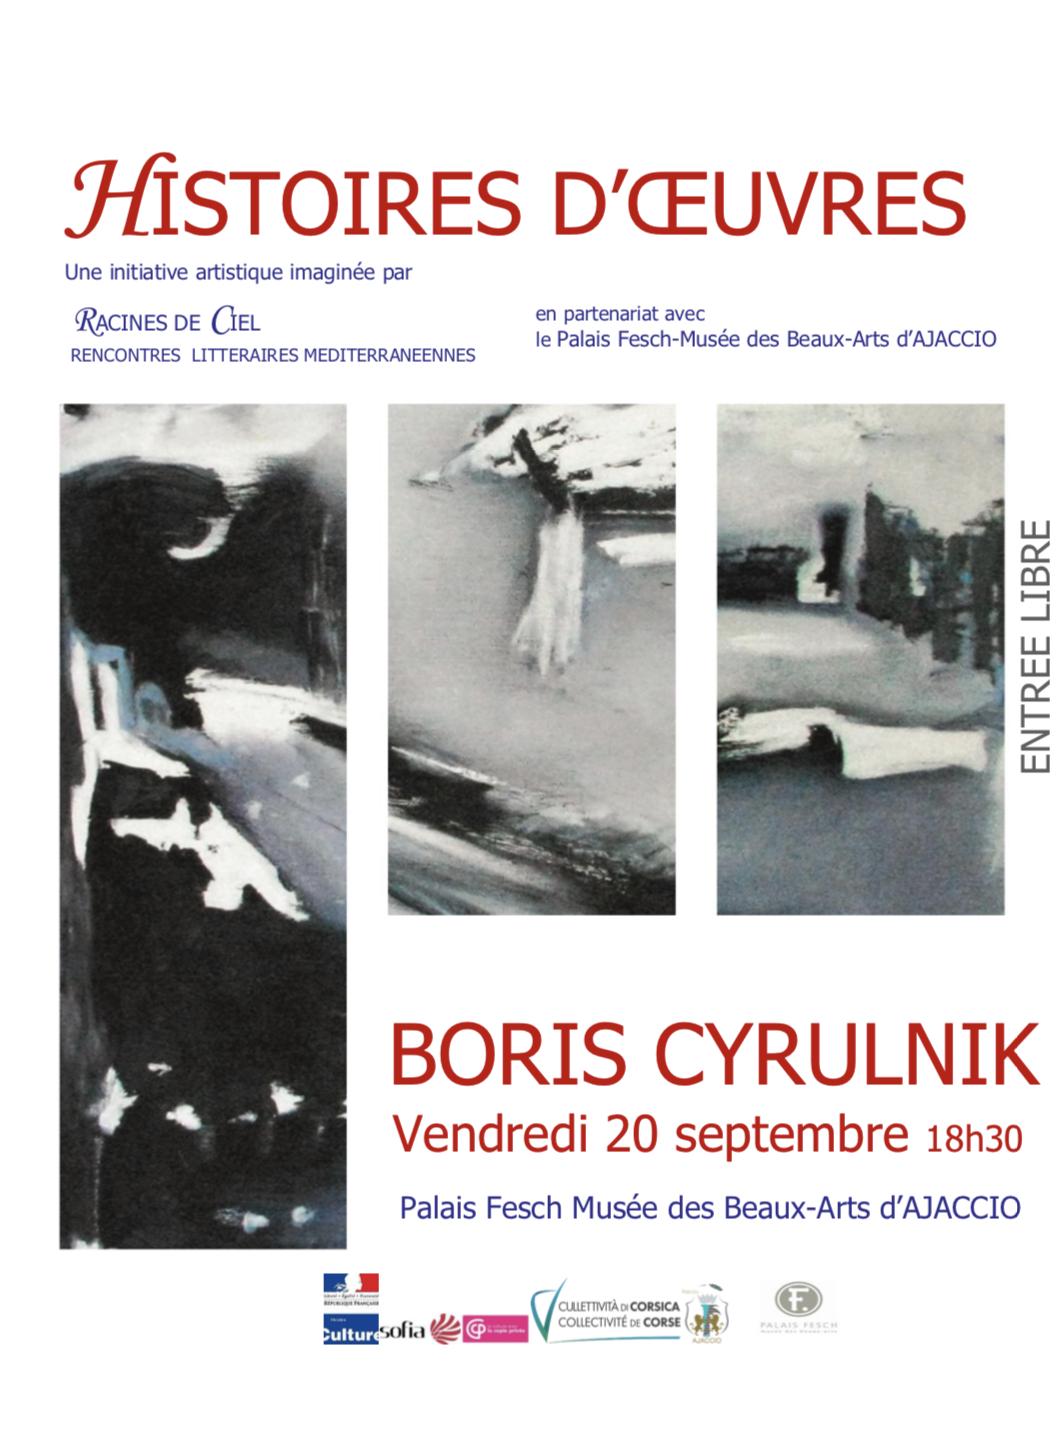 Artistes et Résilience. Boris Cyrulnik à Ajaccio ce 20 septembre